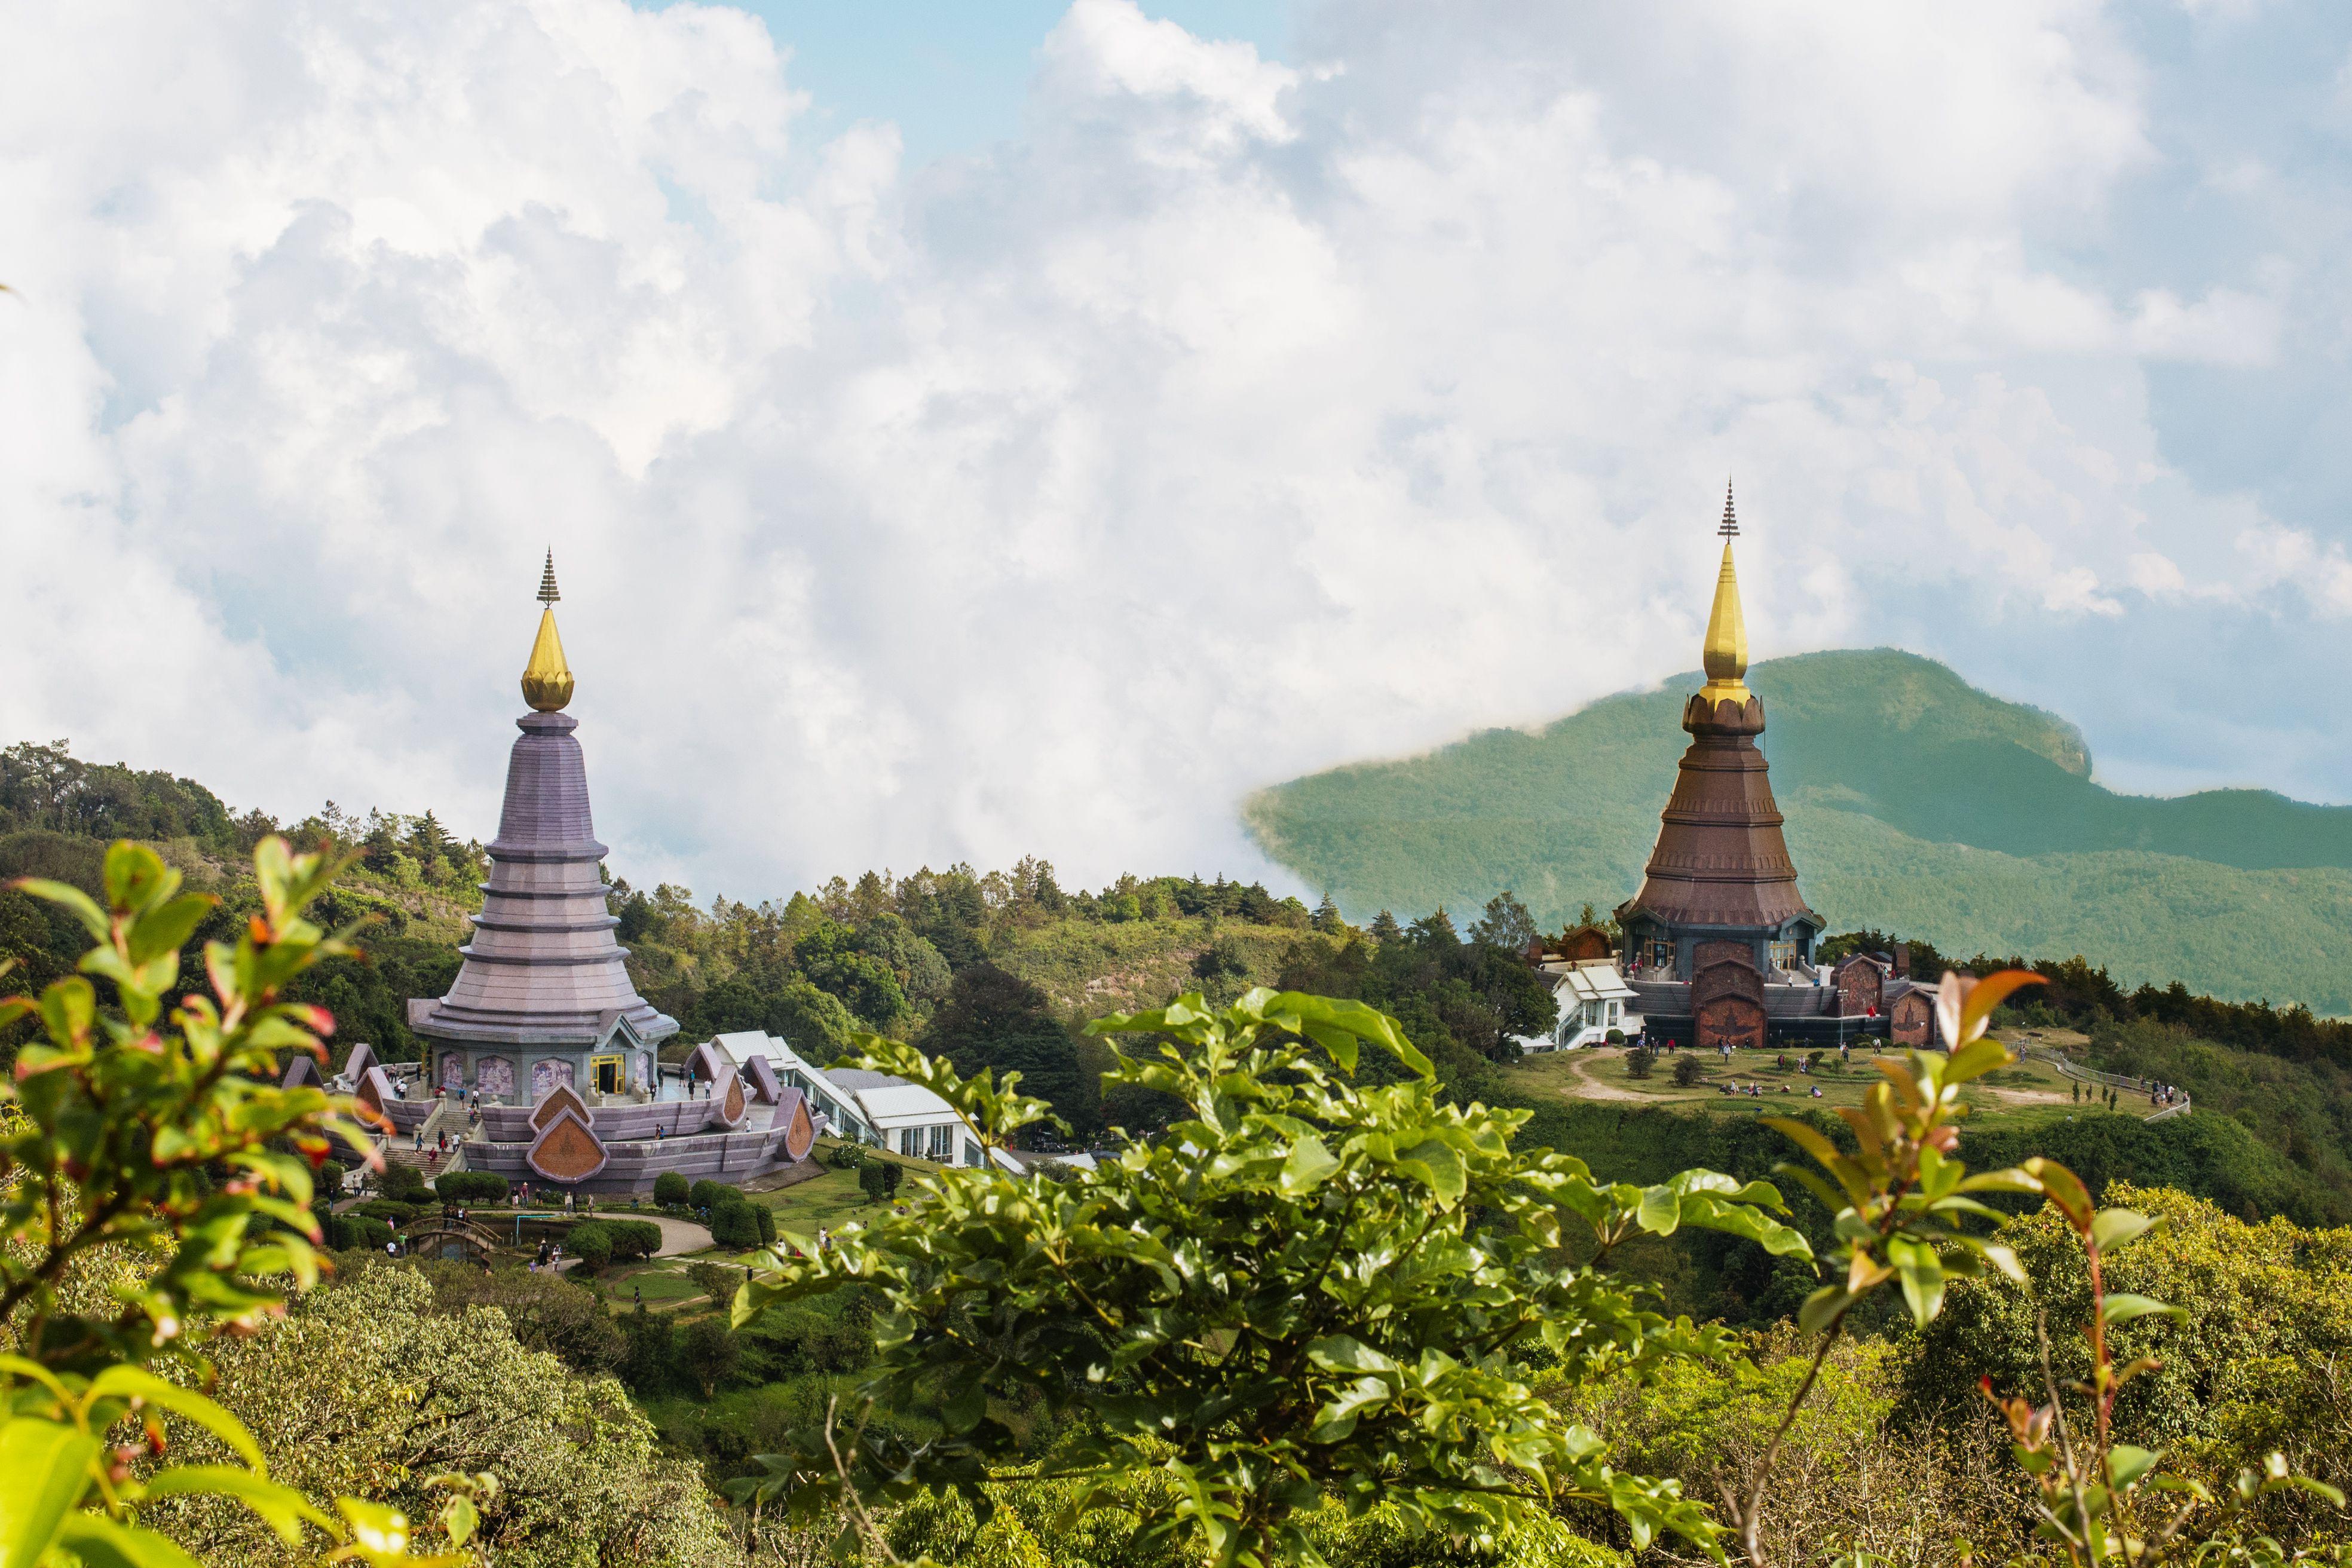 Las pagodas reales en Doi Inthanon